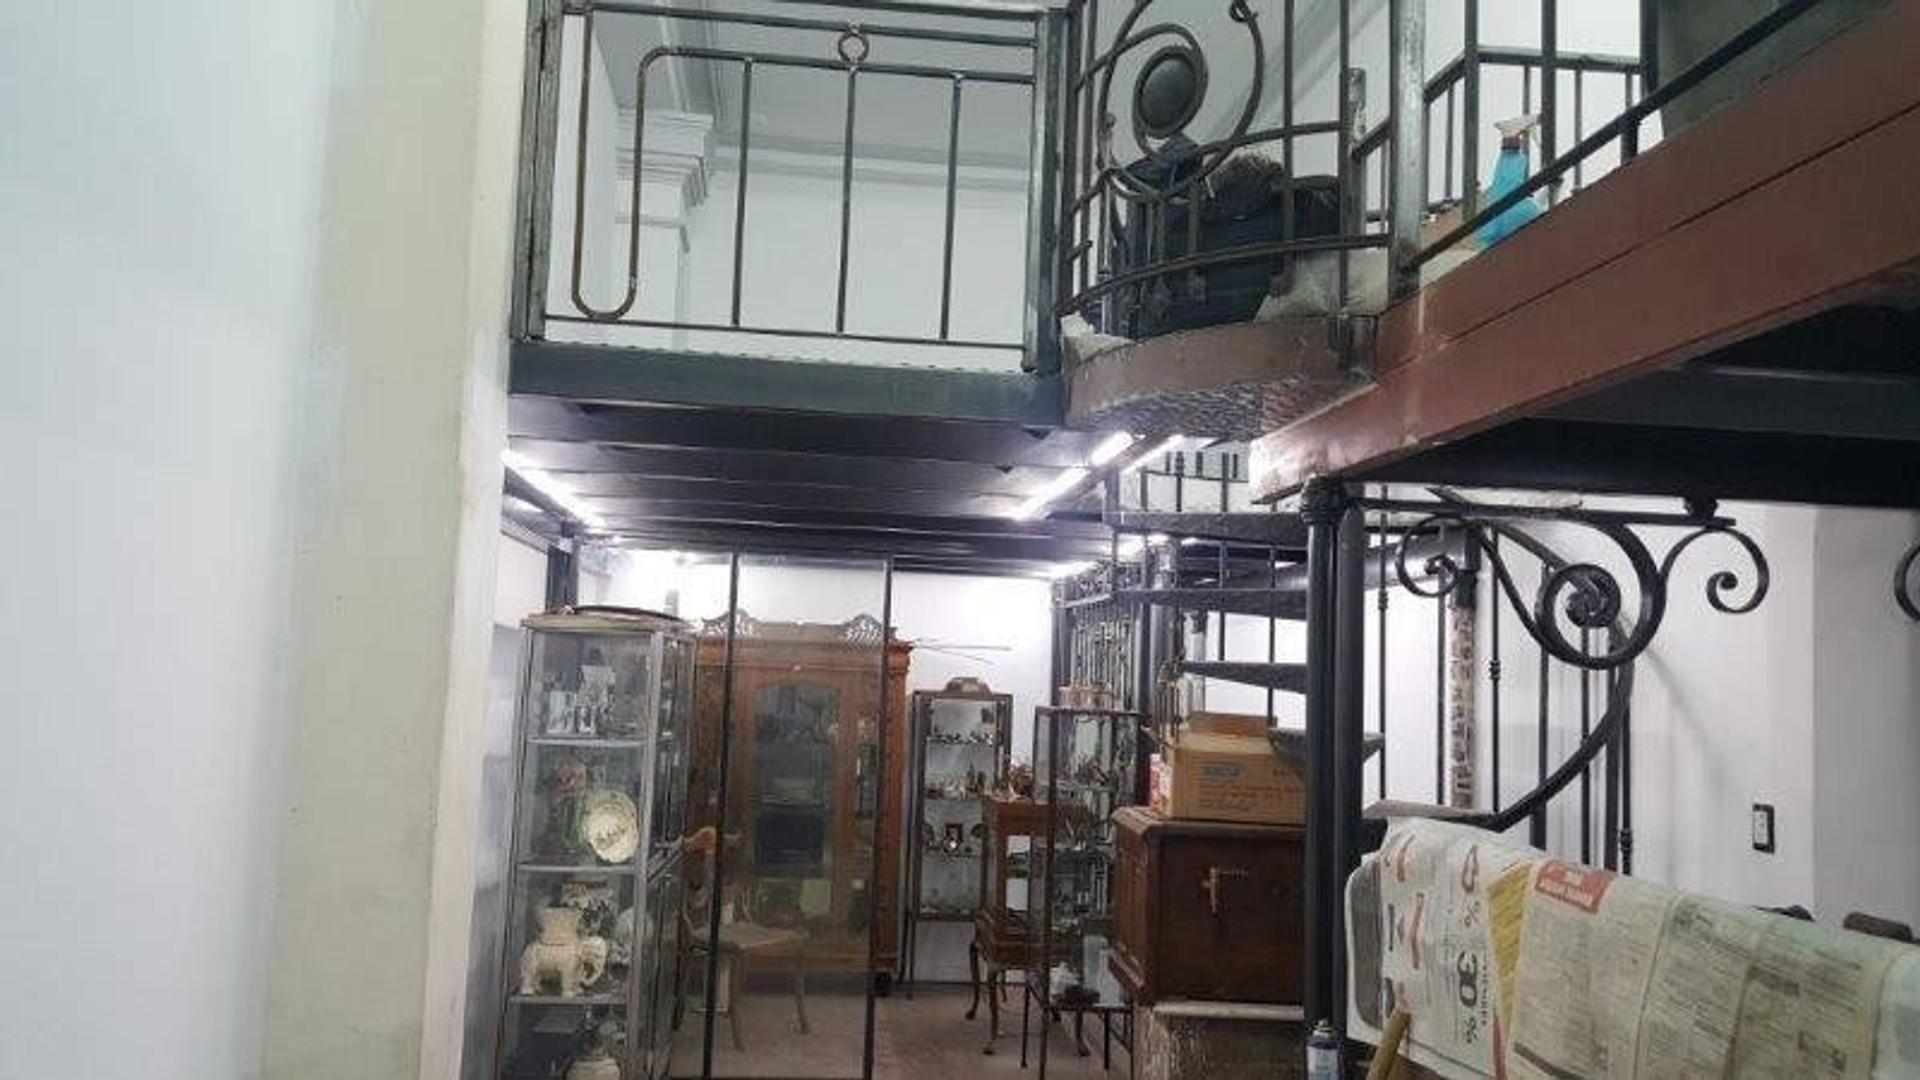 Zona fuertemente comercial, en el casco historico de la ciudad - San Telmo